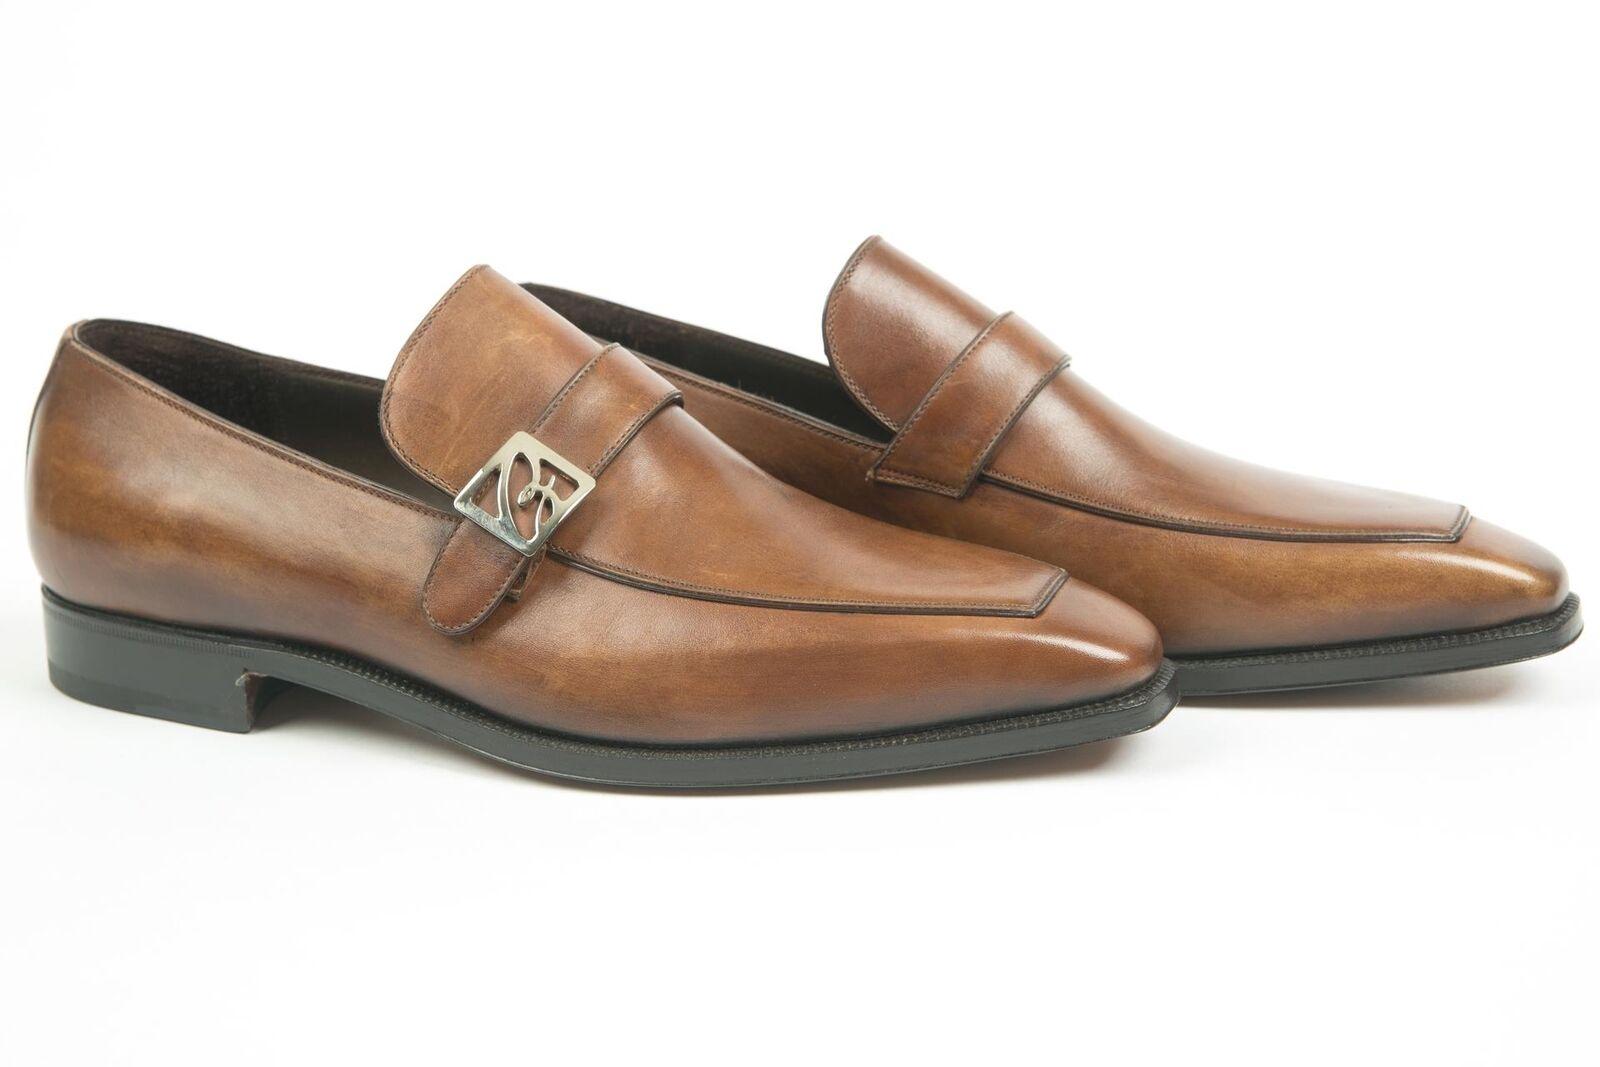 Brioni Nib Marron 100% Leather Apron Orteil Mocassins Chaussures Habillées 6.5